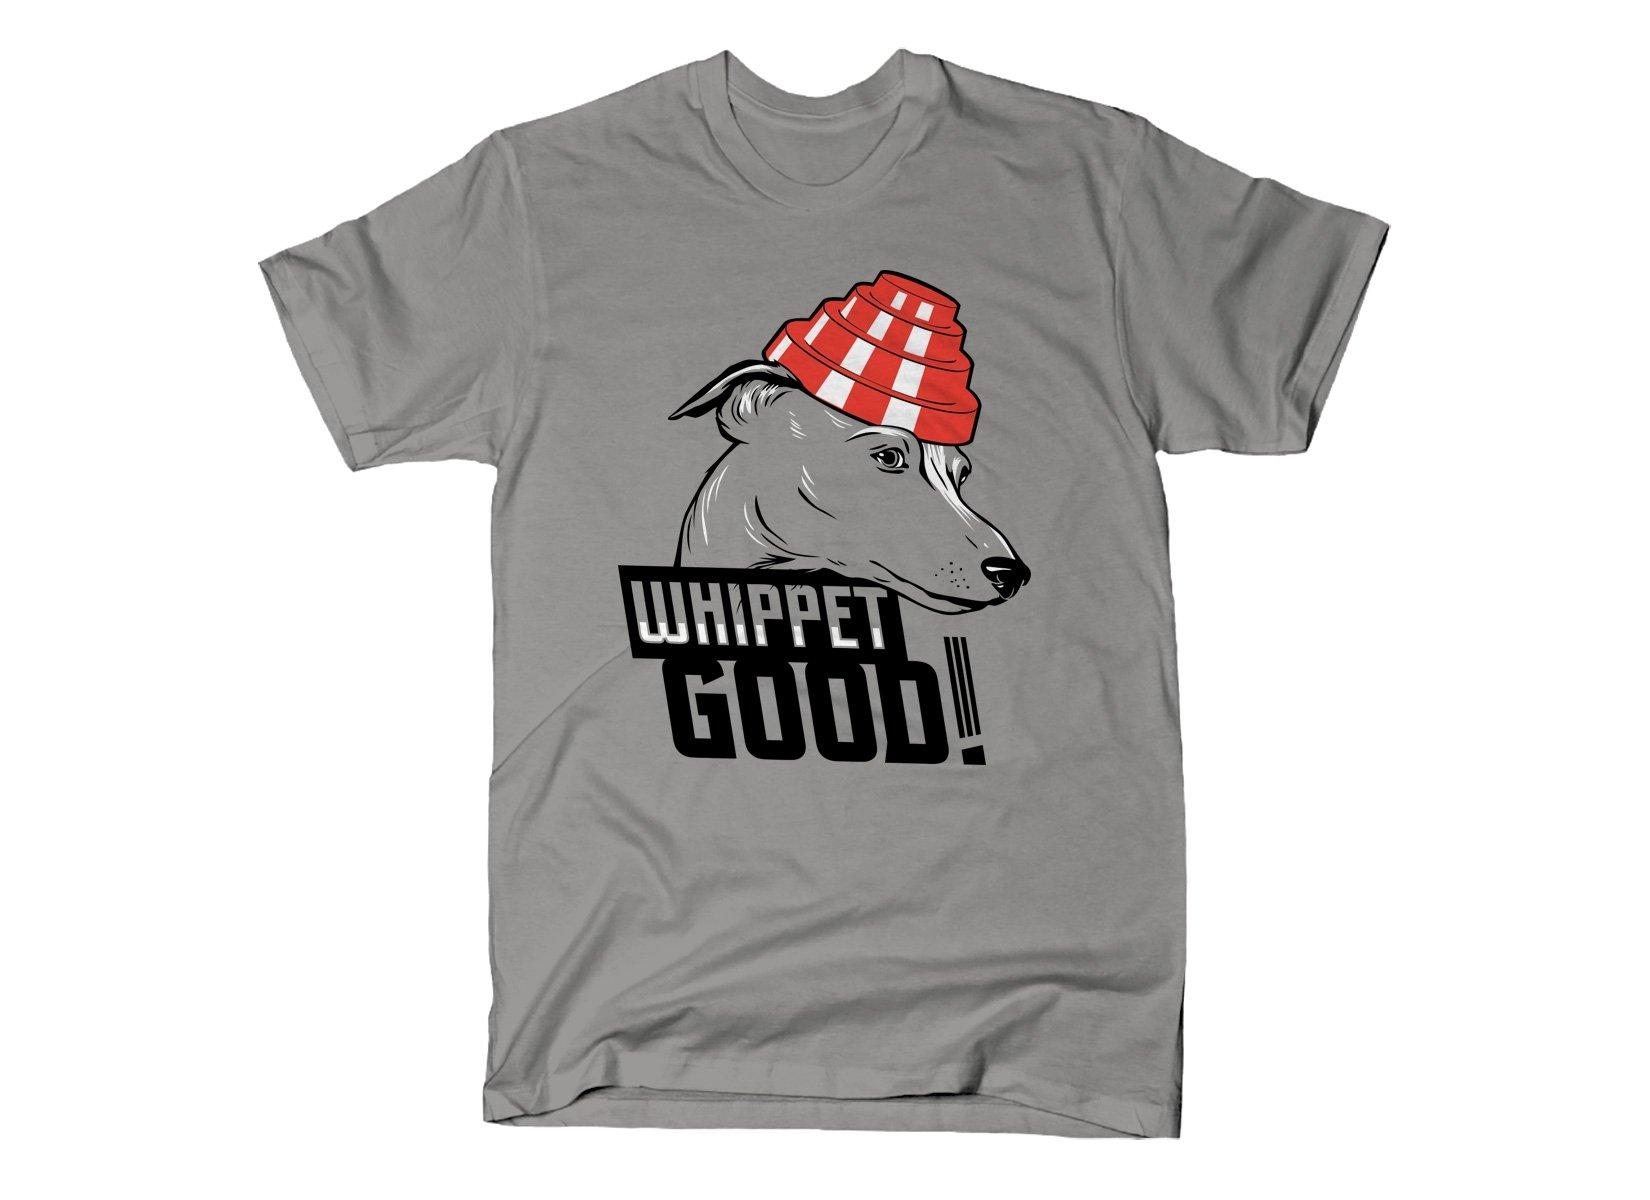 Whippet Good! on Mens T-Shirt